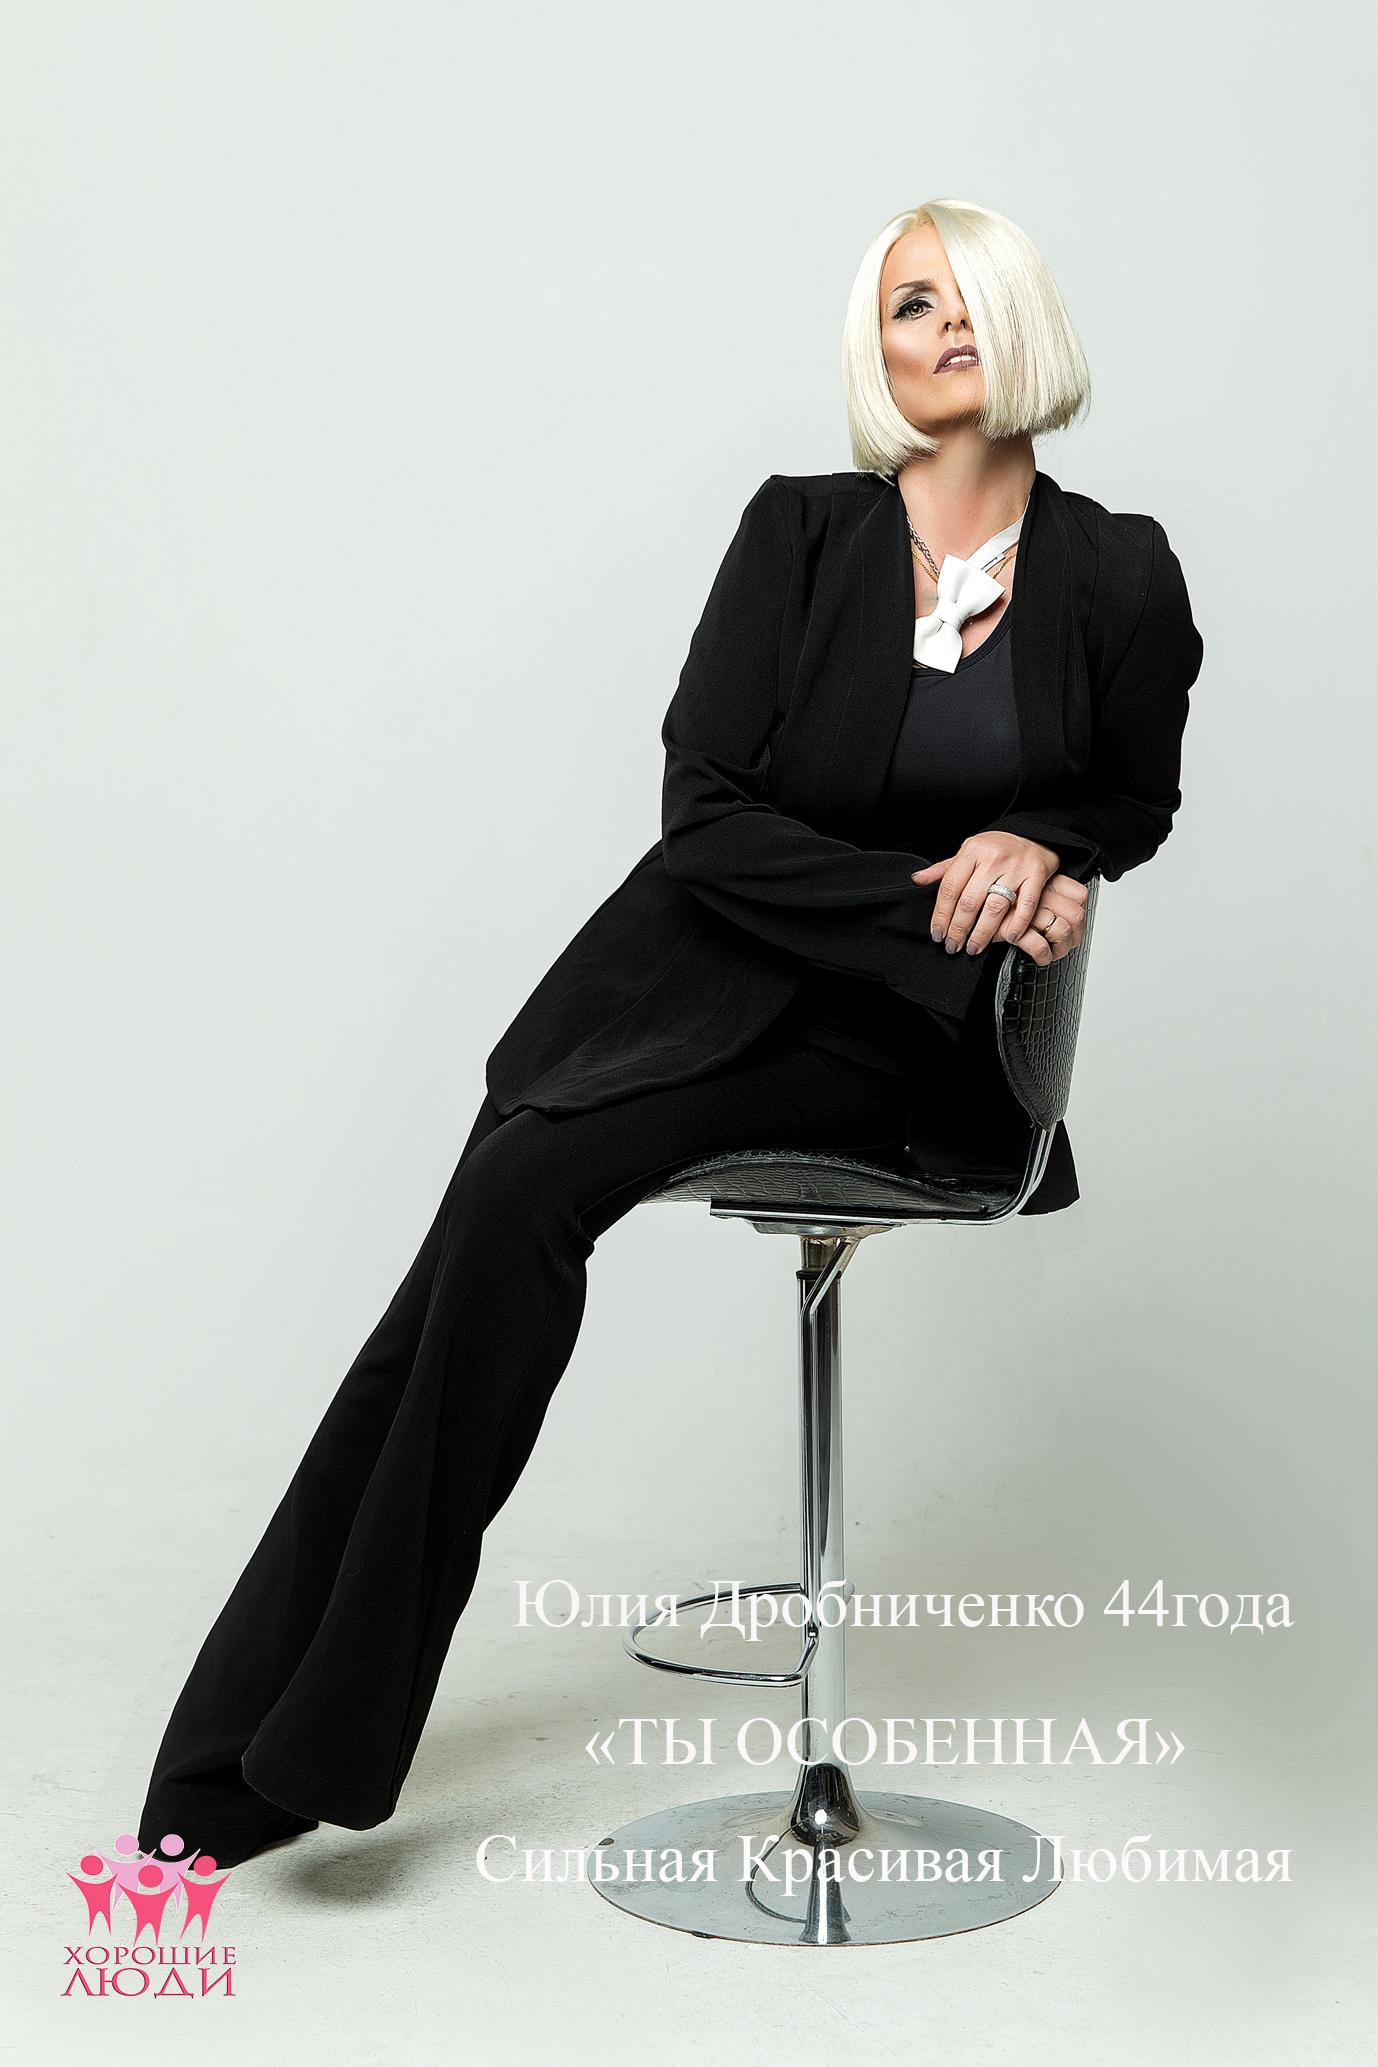 04-10-drobnichenko-yulya-partnery